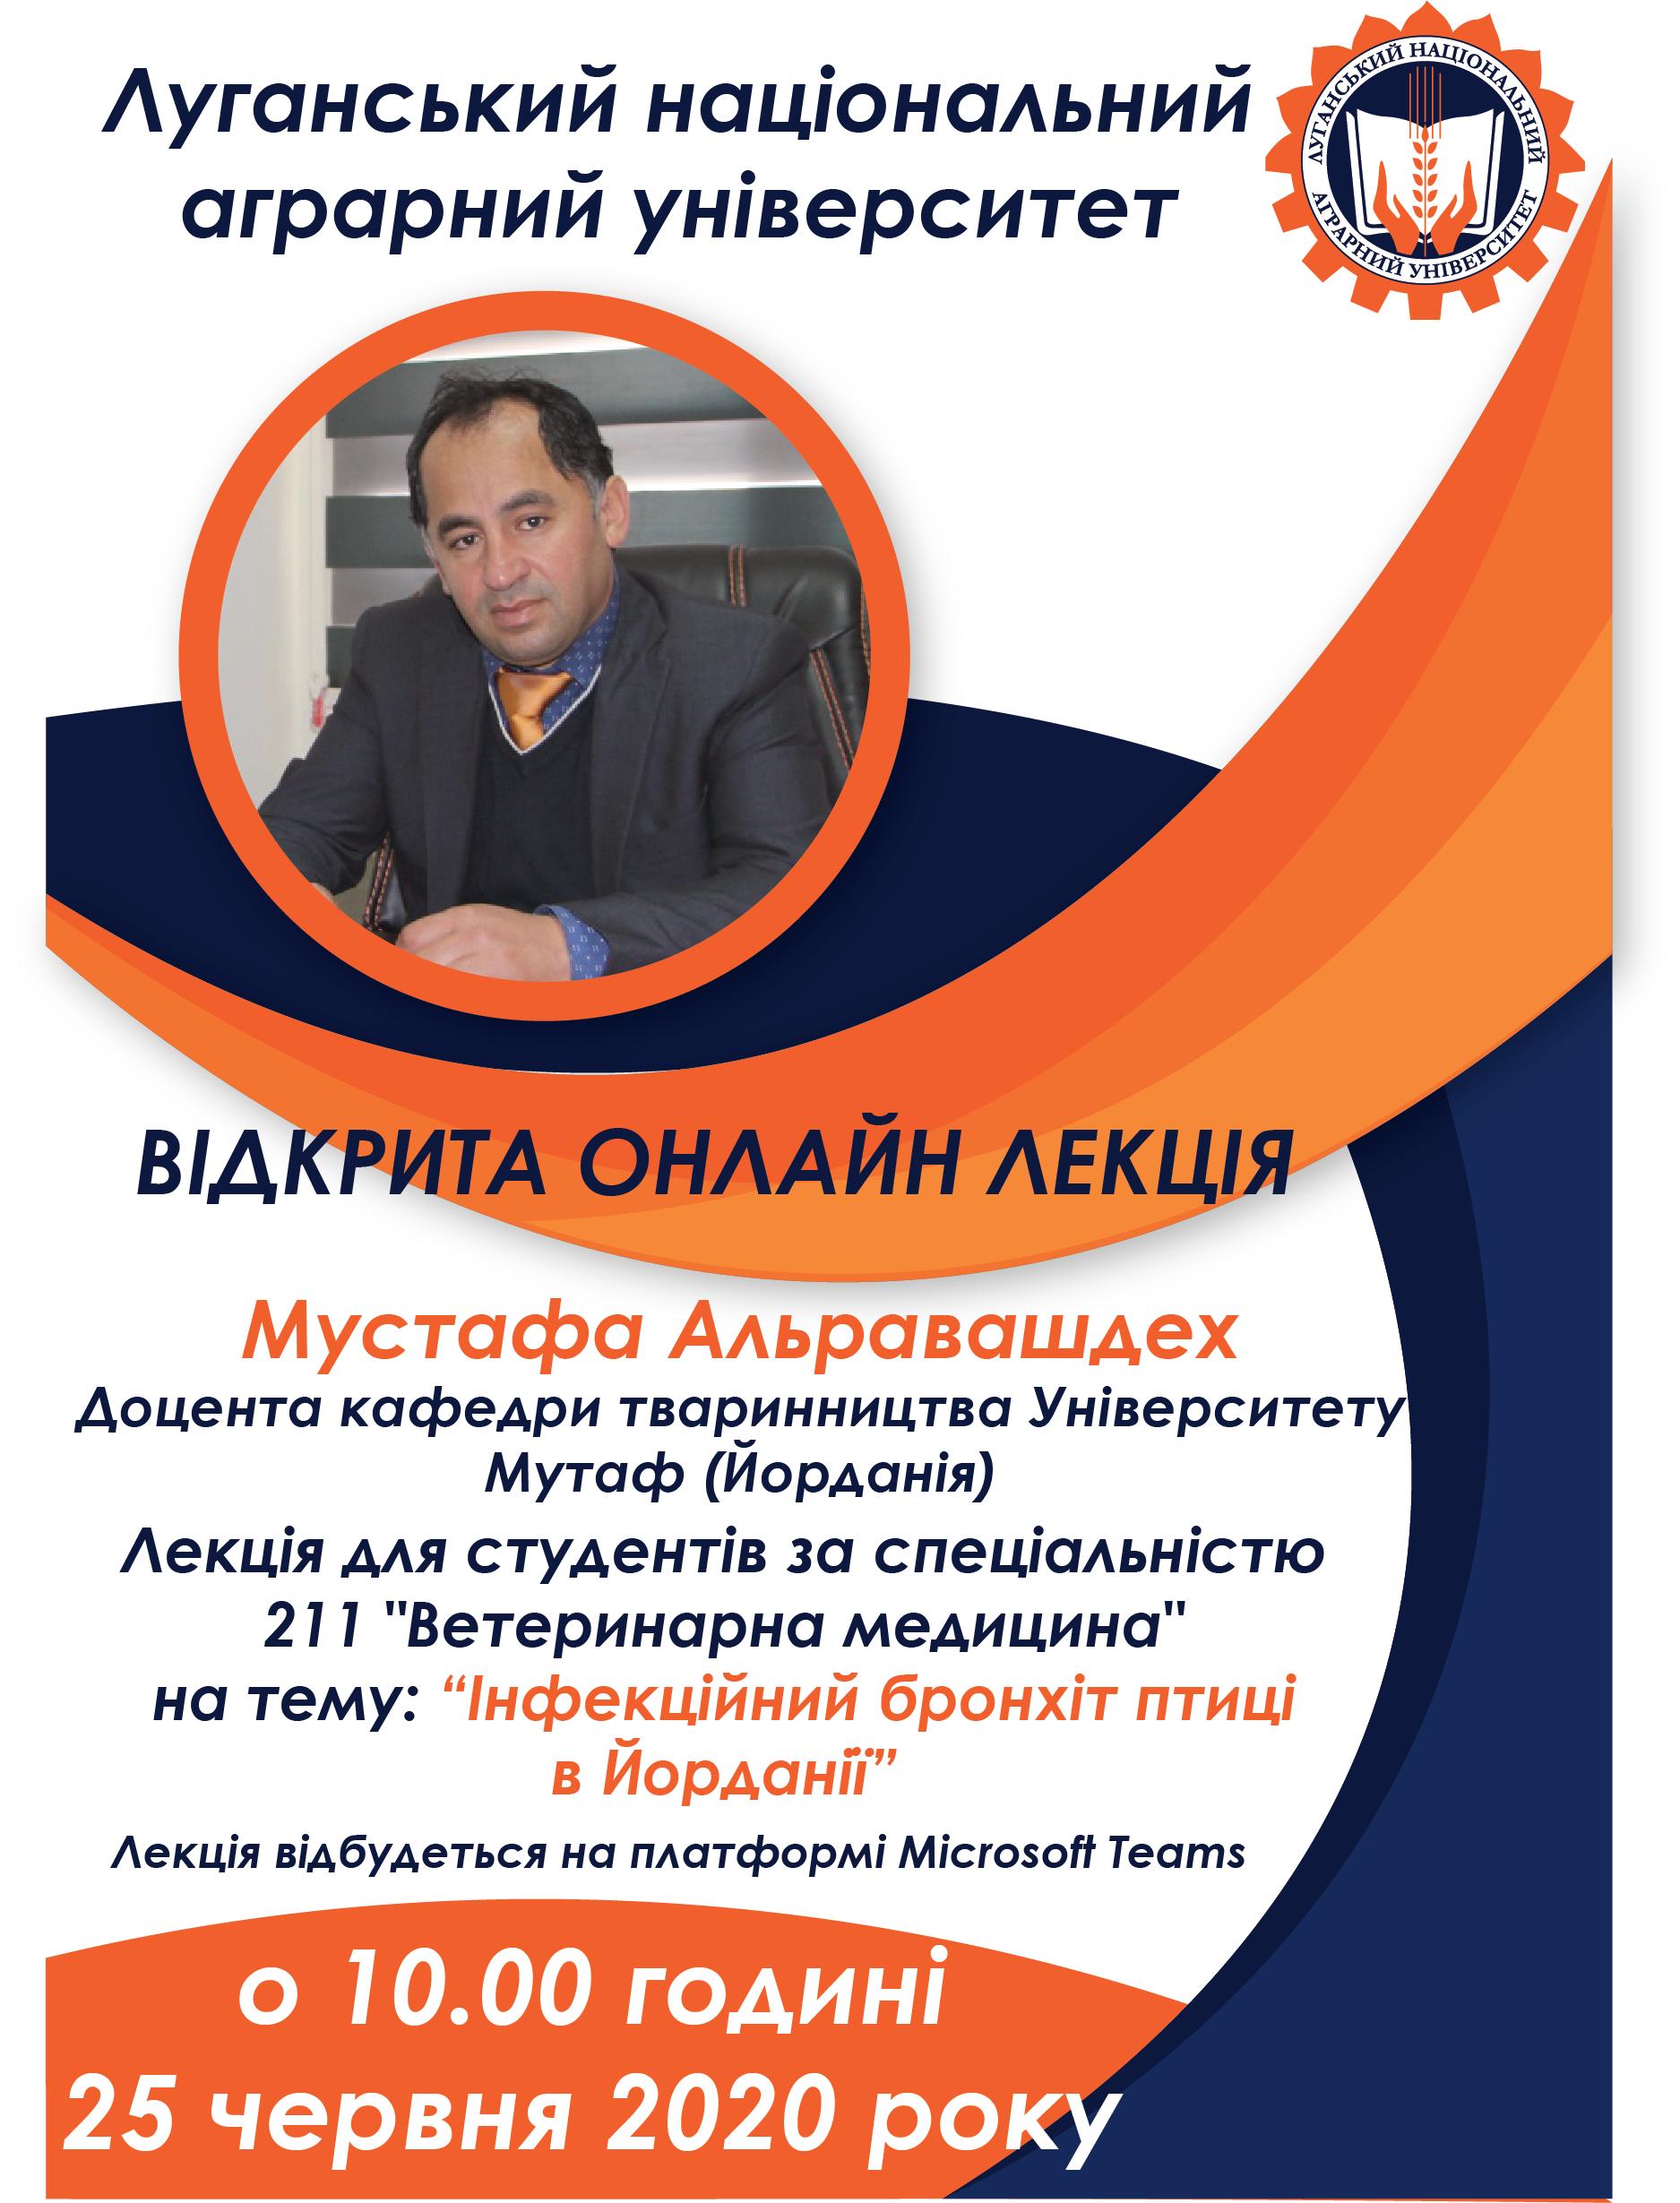 (Українська) Анонс: відкрита онлайн-лекція